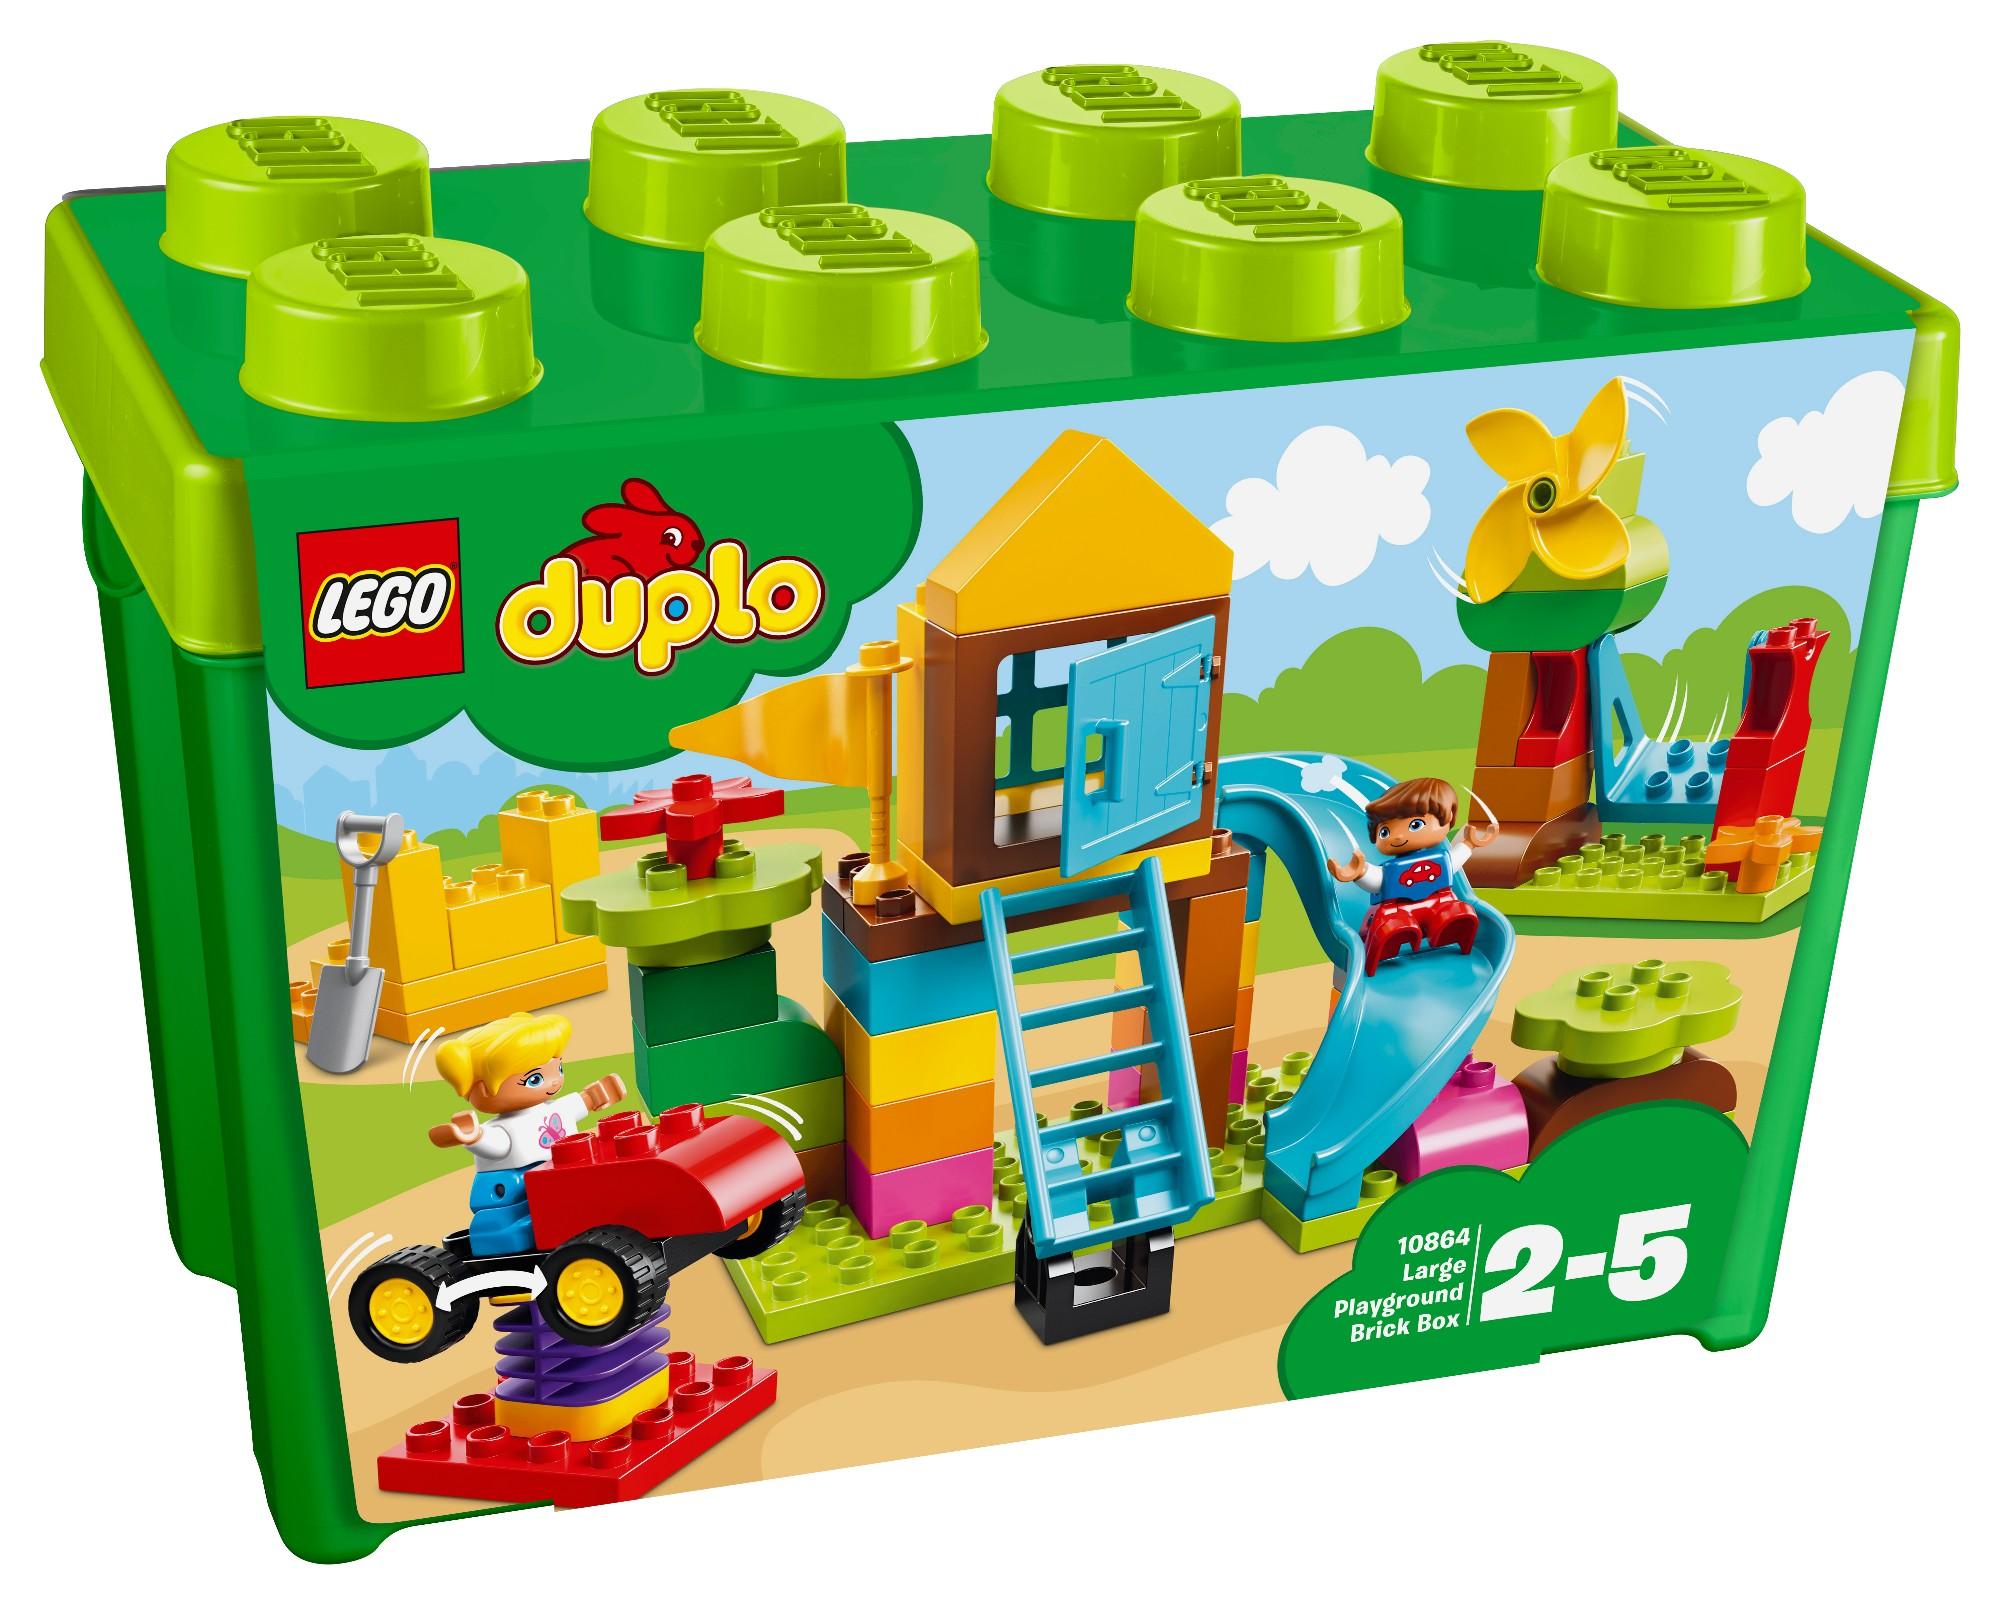 Konstruktorius LEGO DUPLO Žaidimų aikštelės kaladėlių dėžutė 2-5 metų vaikams (10864)